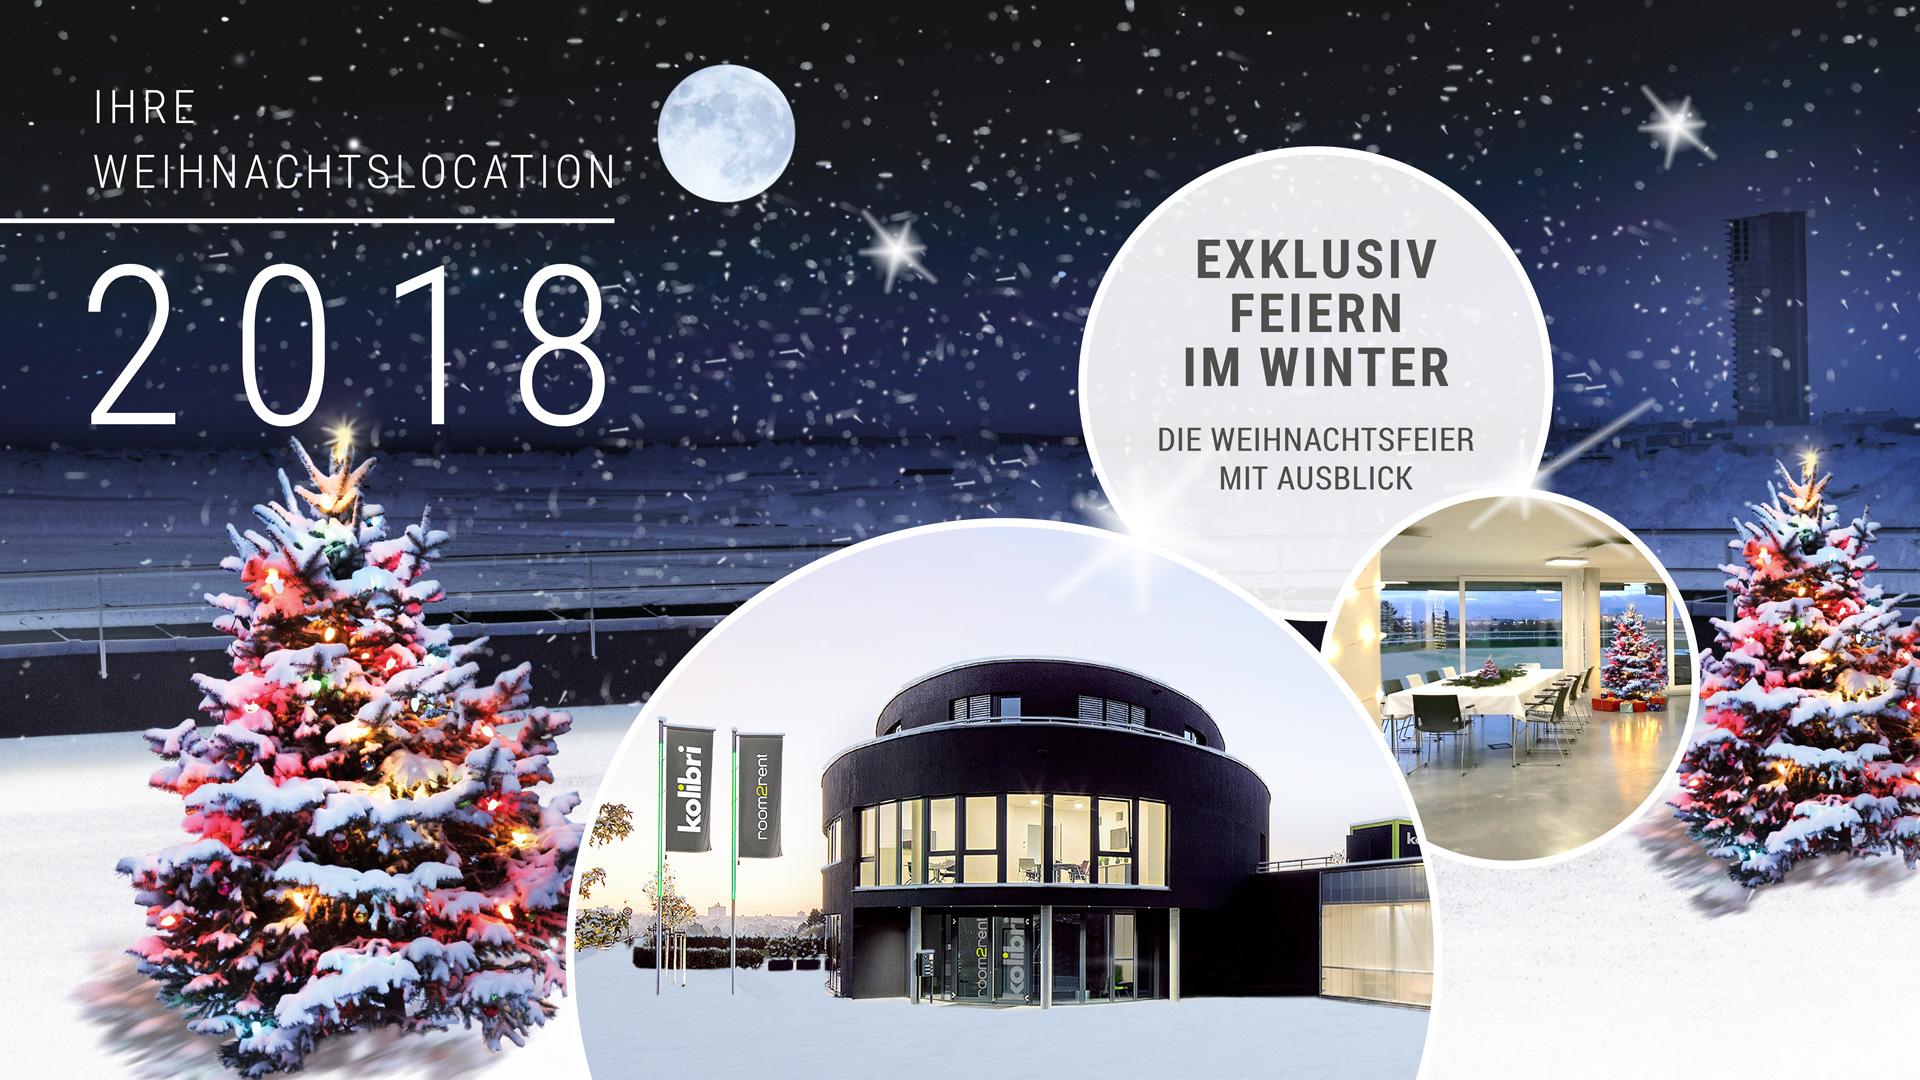 Weihnachtsfeier Kleine Gruppe.ᐅ Weihnachtsfeier Firmenweihnachtsfeier 2019 In Stuttgart